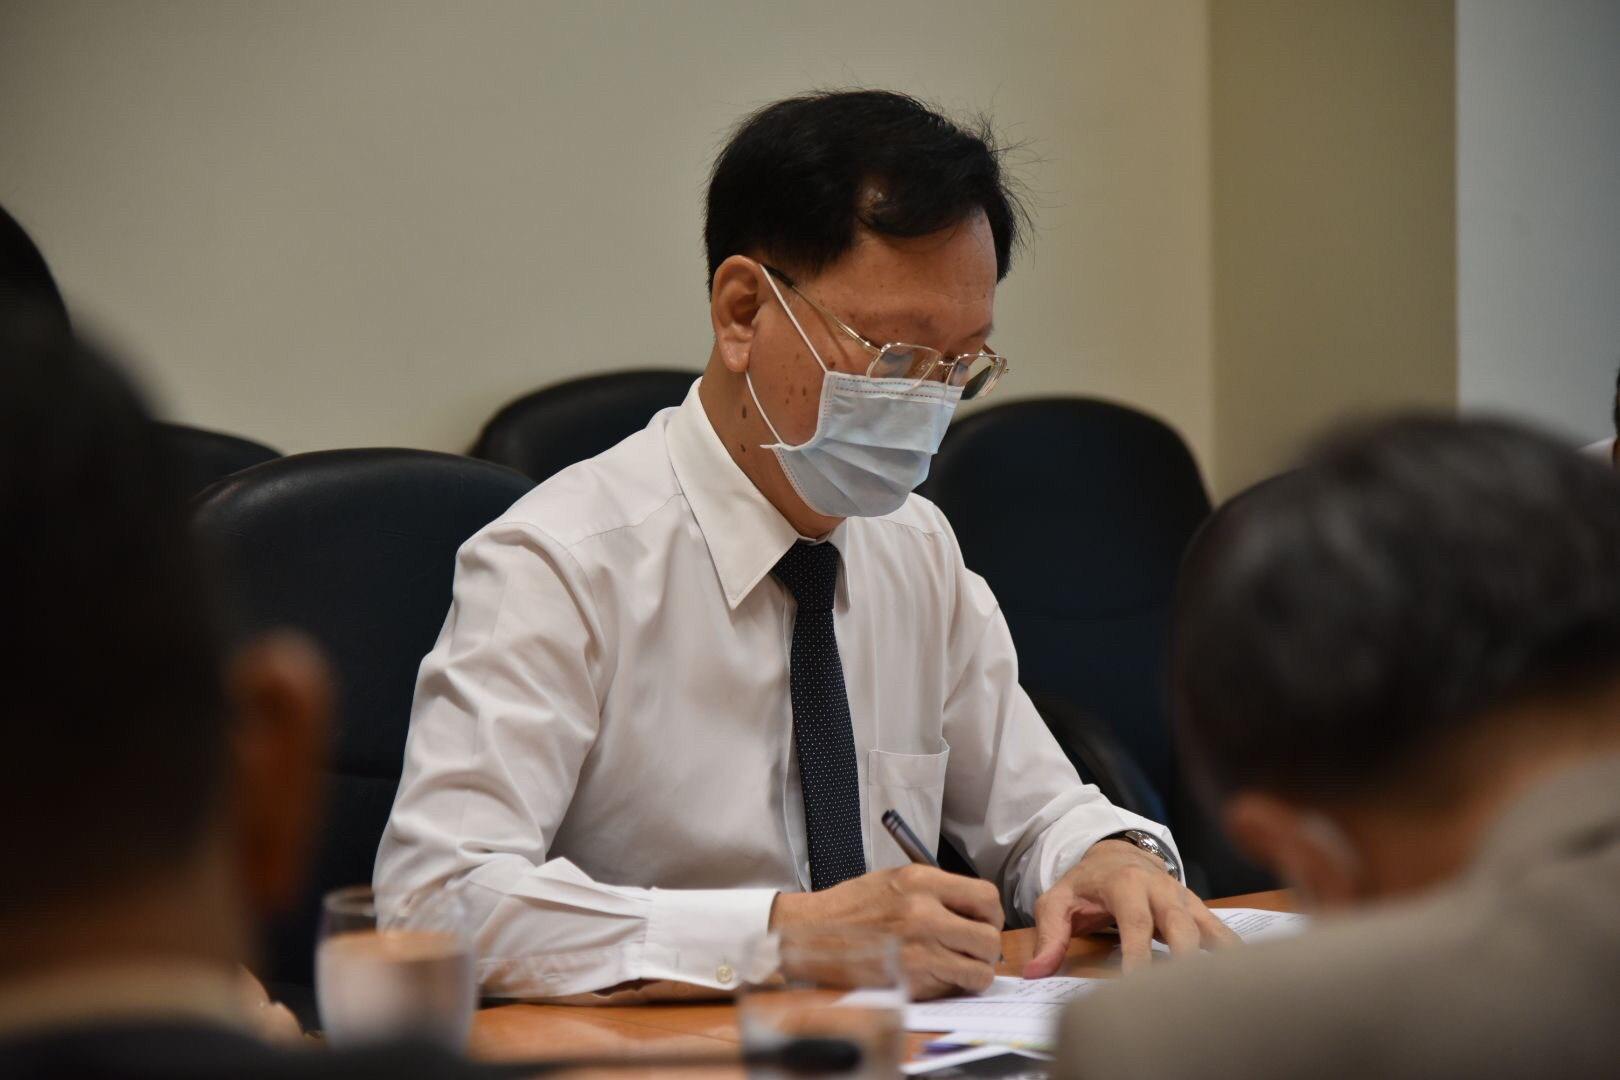 ประชุมติดตามความคืบหน้าโครงการ JOB EXPO THAILAND 2020